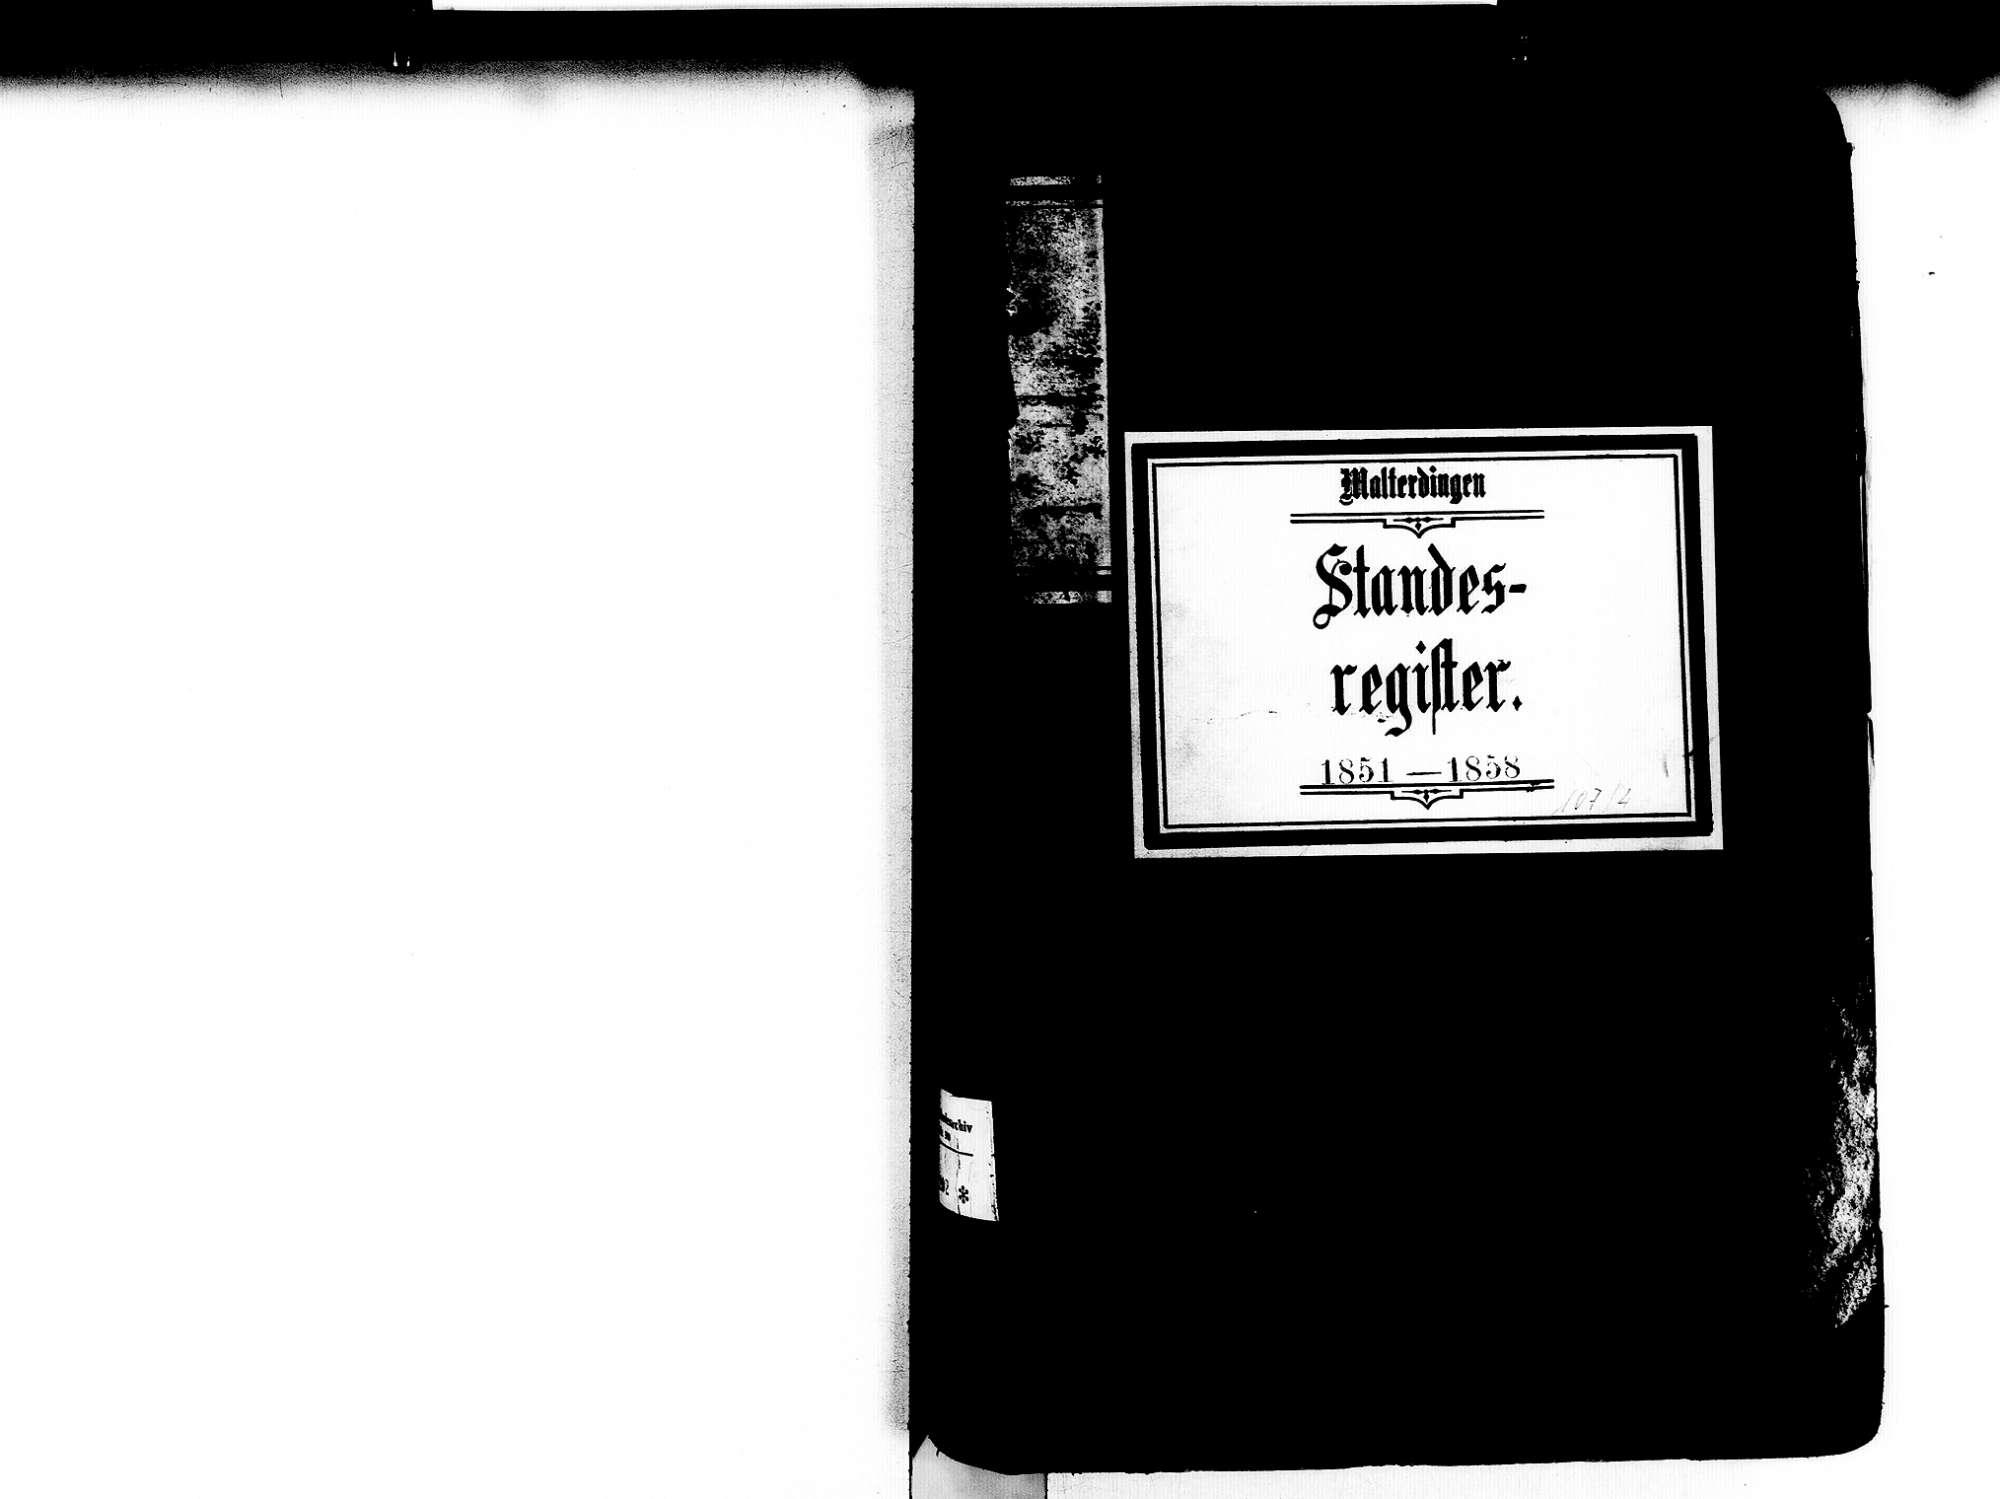 Malterdingen EM; Evangelische Gemeinde: Standesbuch 1851-1858 Enthält: Einzelne Katholische Einträge, Bild 3